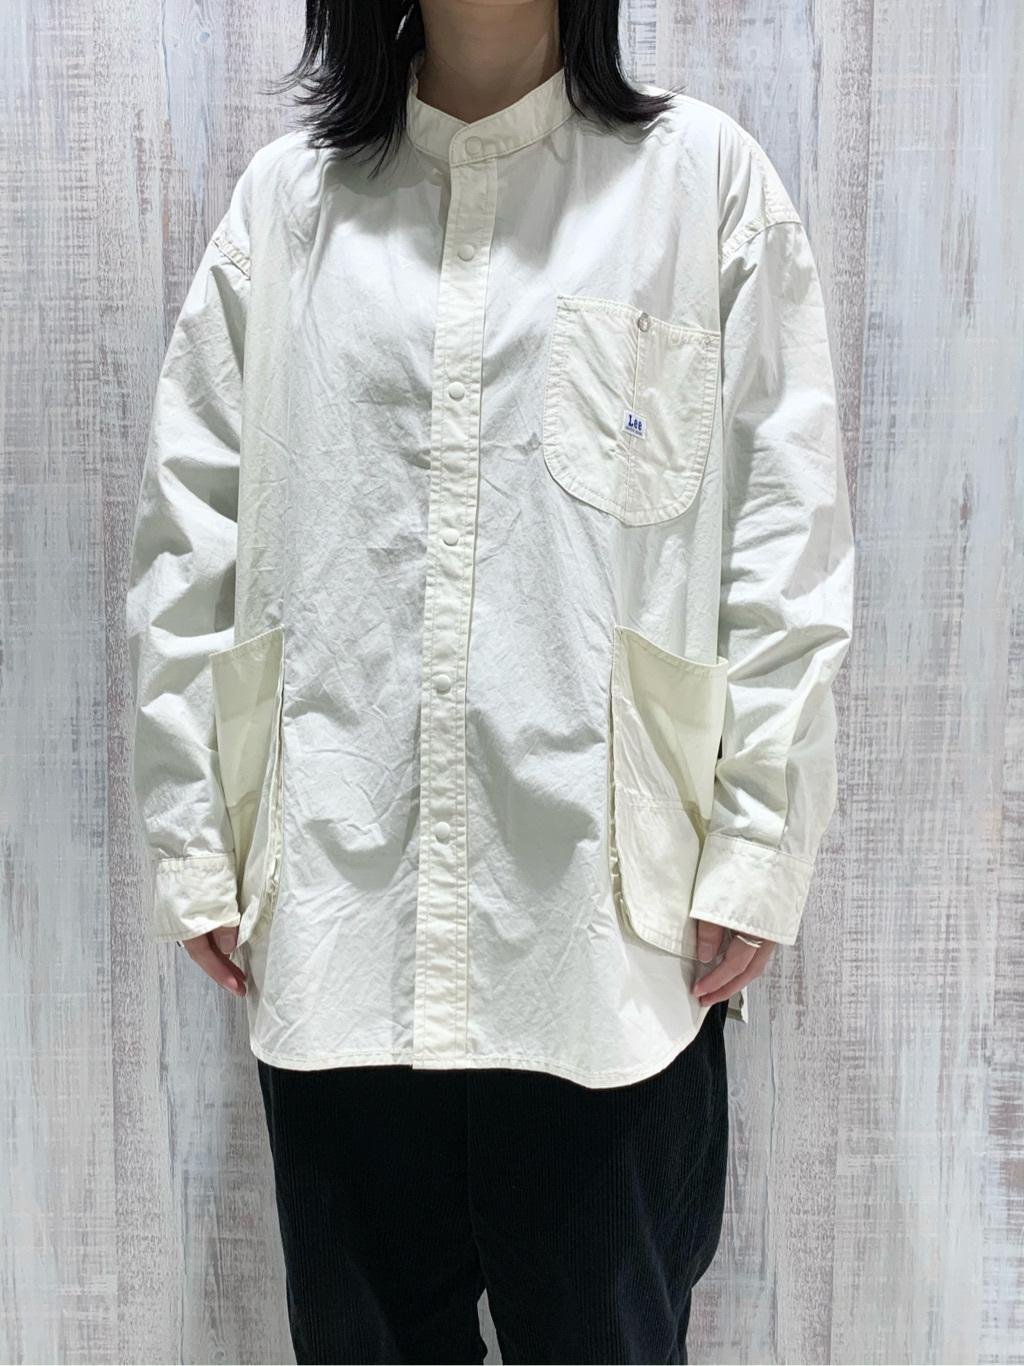 Lee 名古屋店の千さんのLeeの【直営店・WEB限定】サービスコートを使ったコーディネート